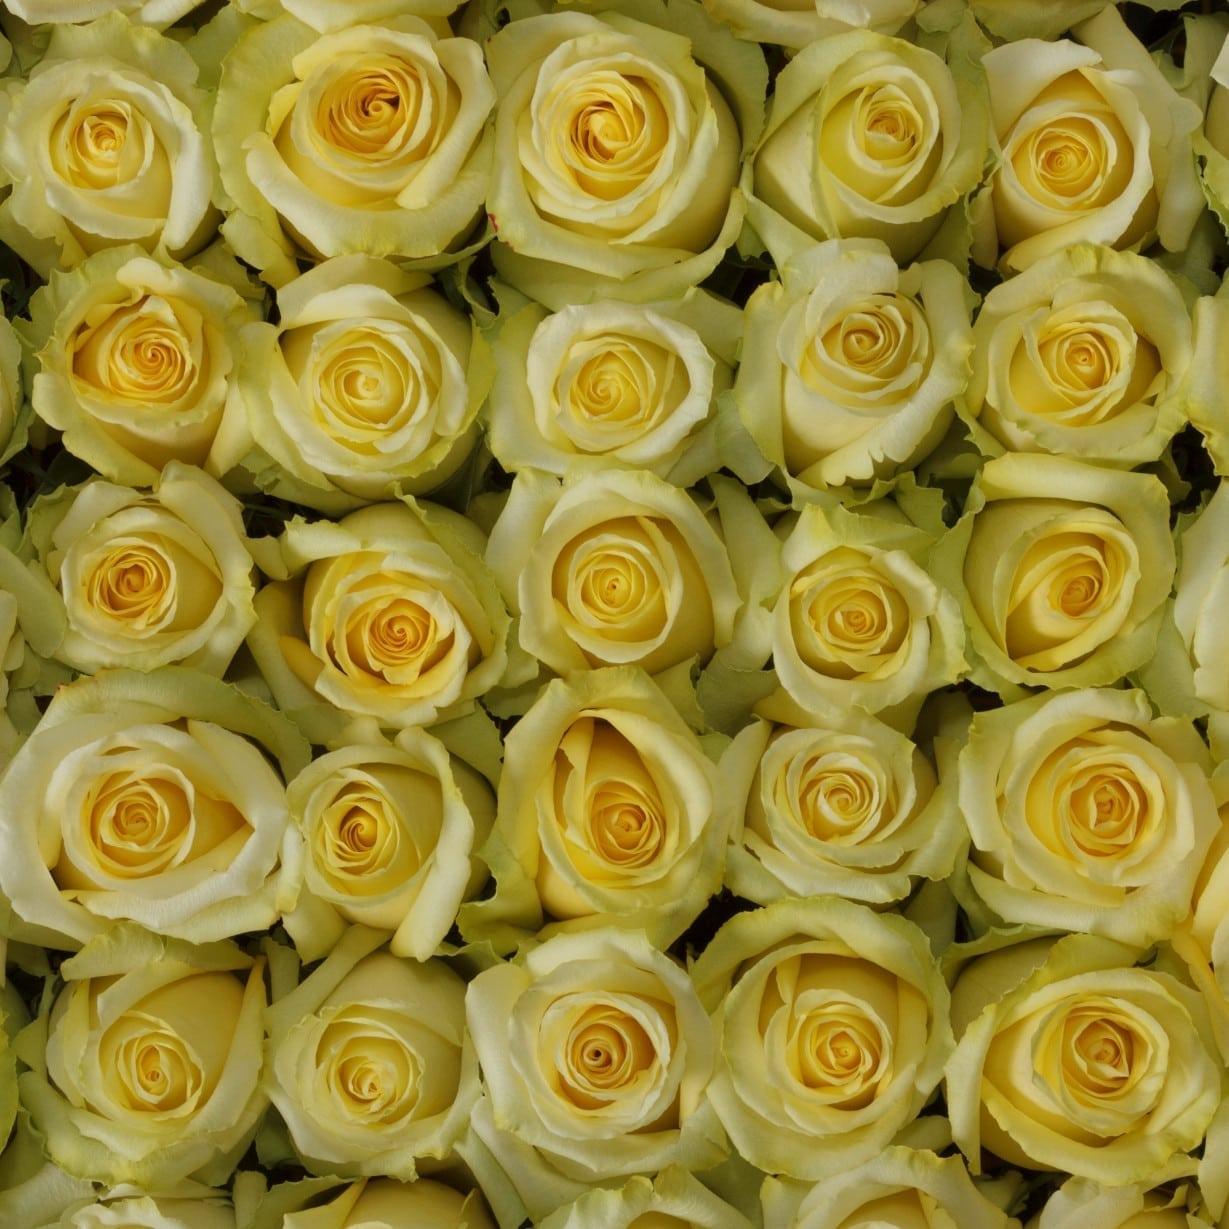 زهور (أصفر غامق)  الزهور بالجملة